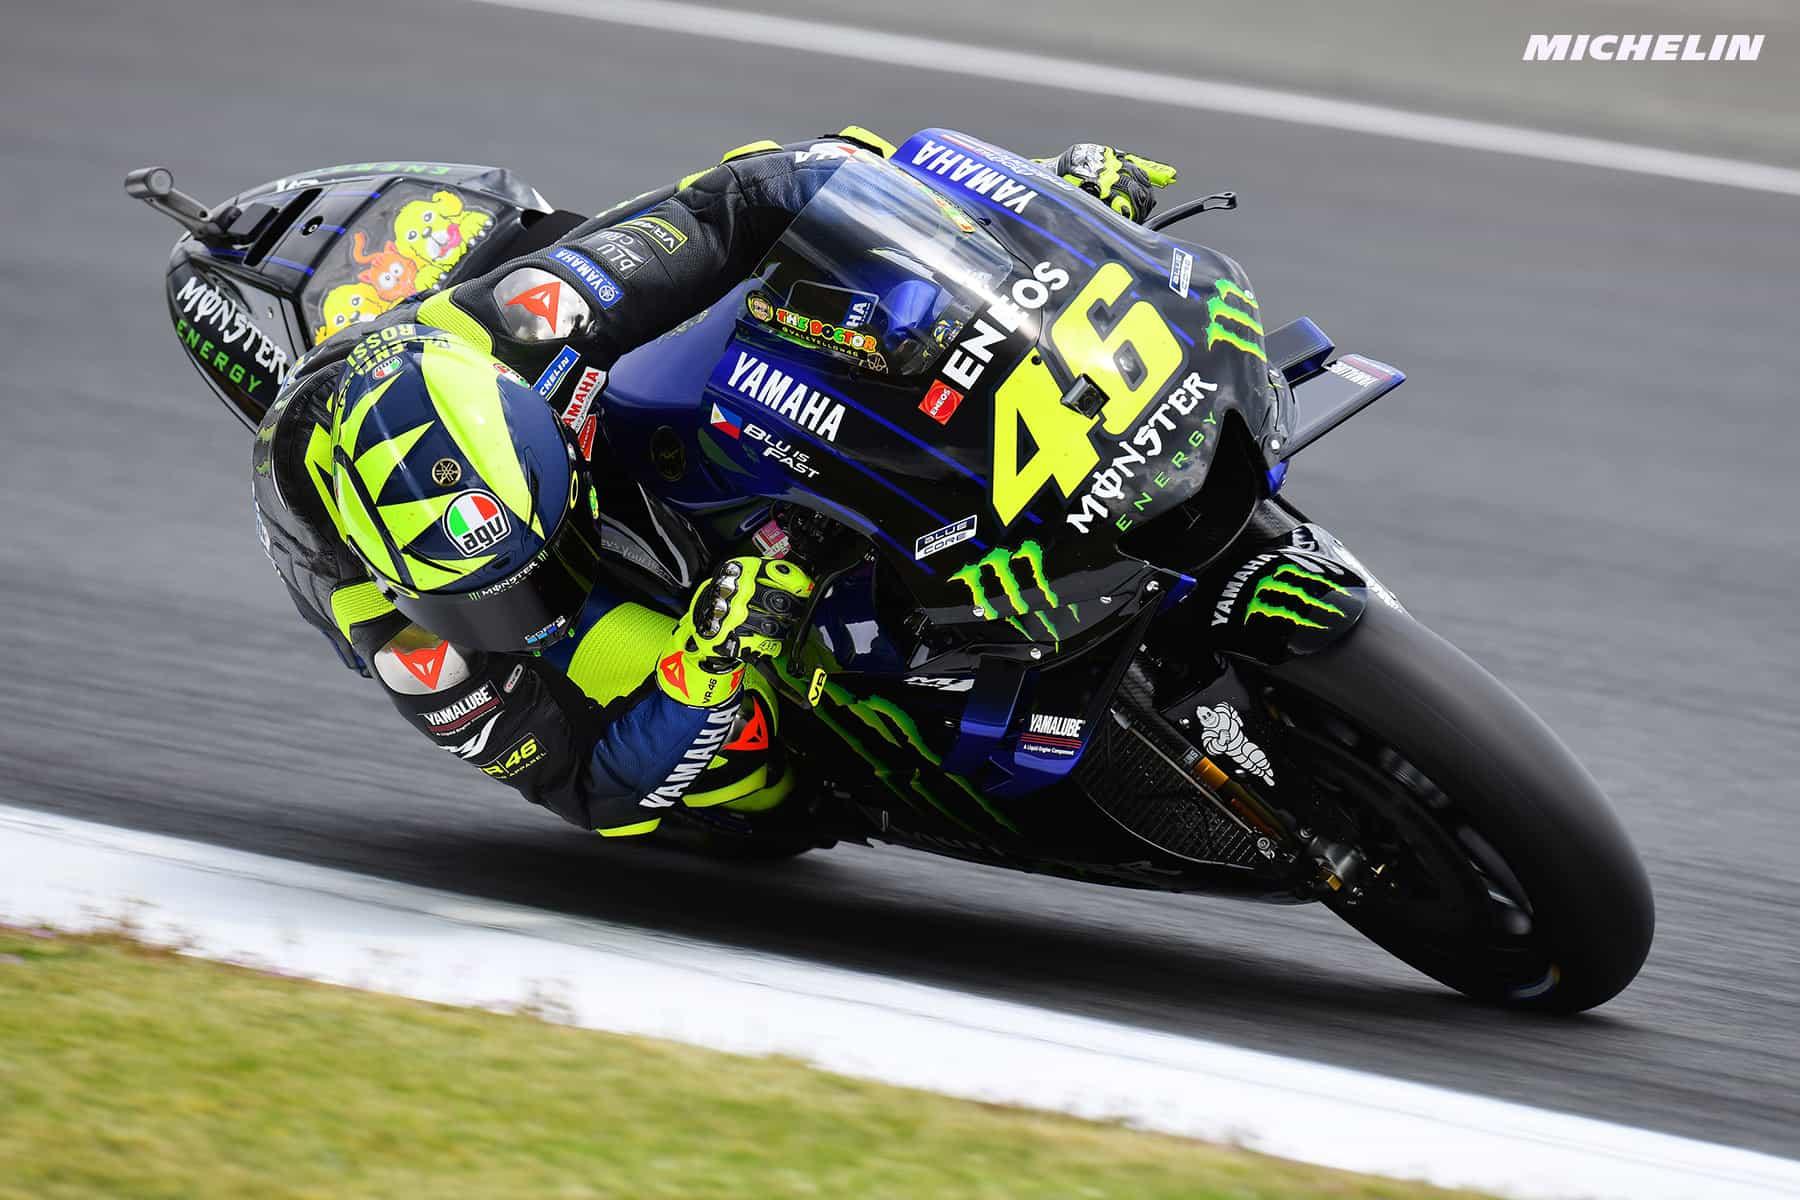 MotoGP2019イタリアGP ロッシ「ル・マンよりも戦闘力を発揮出来るはず」